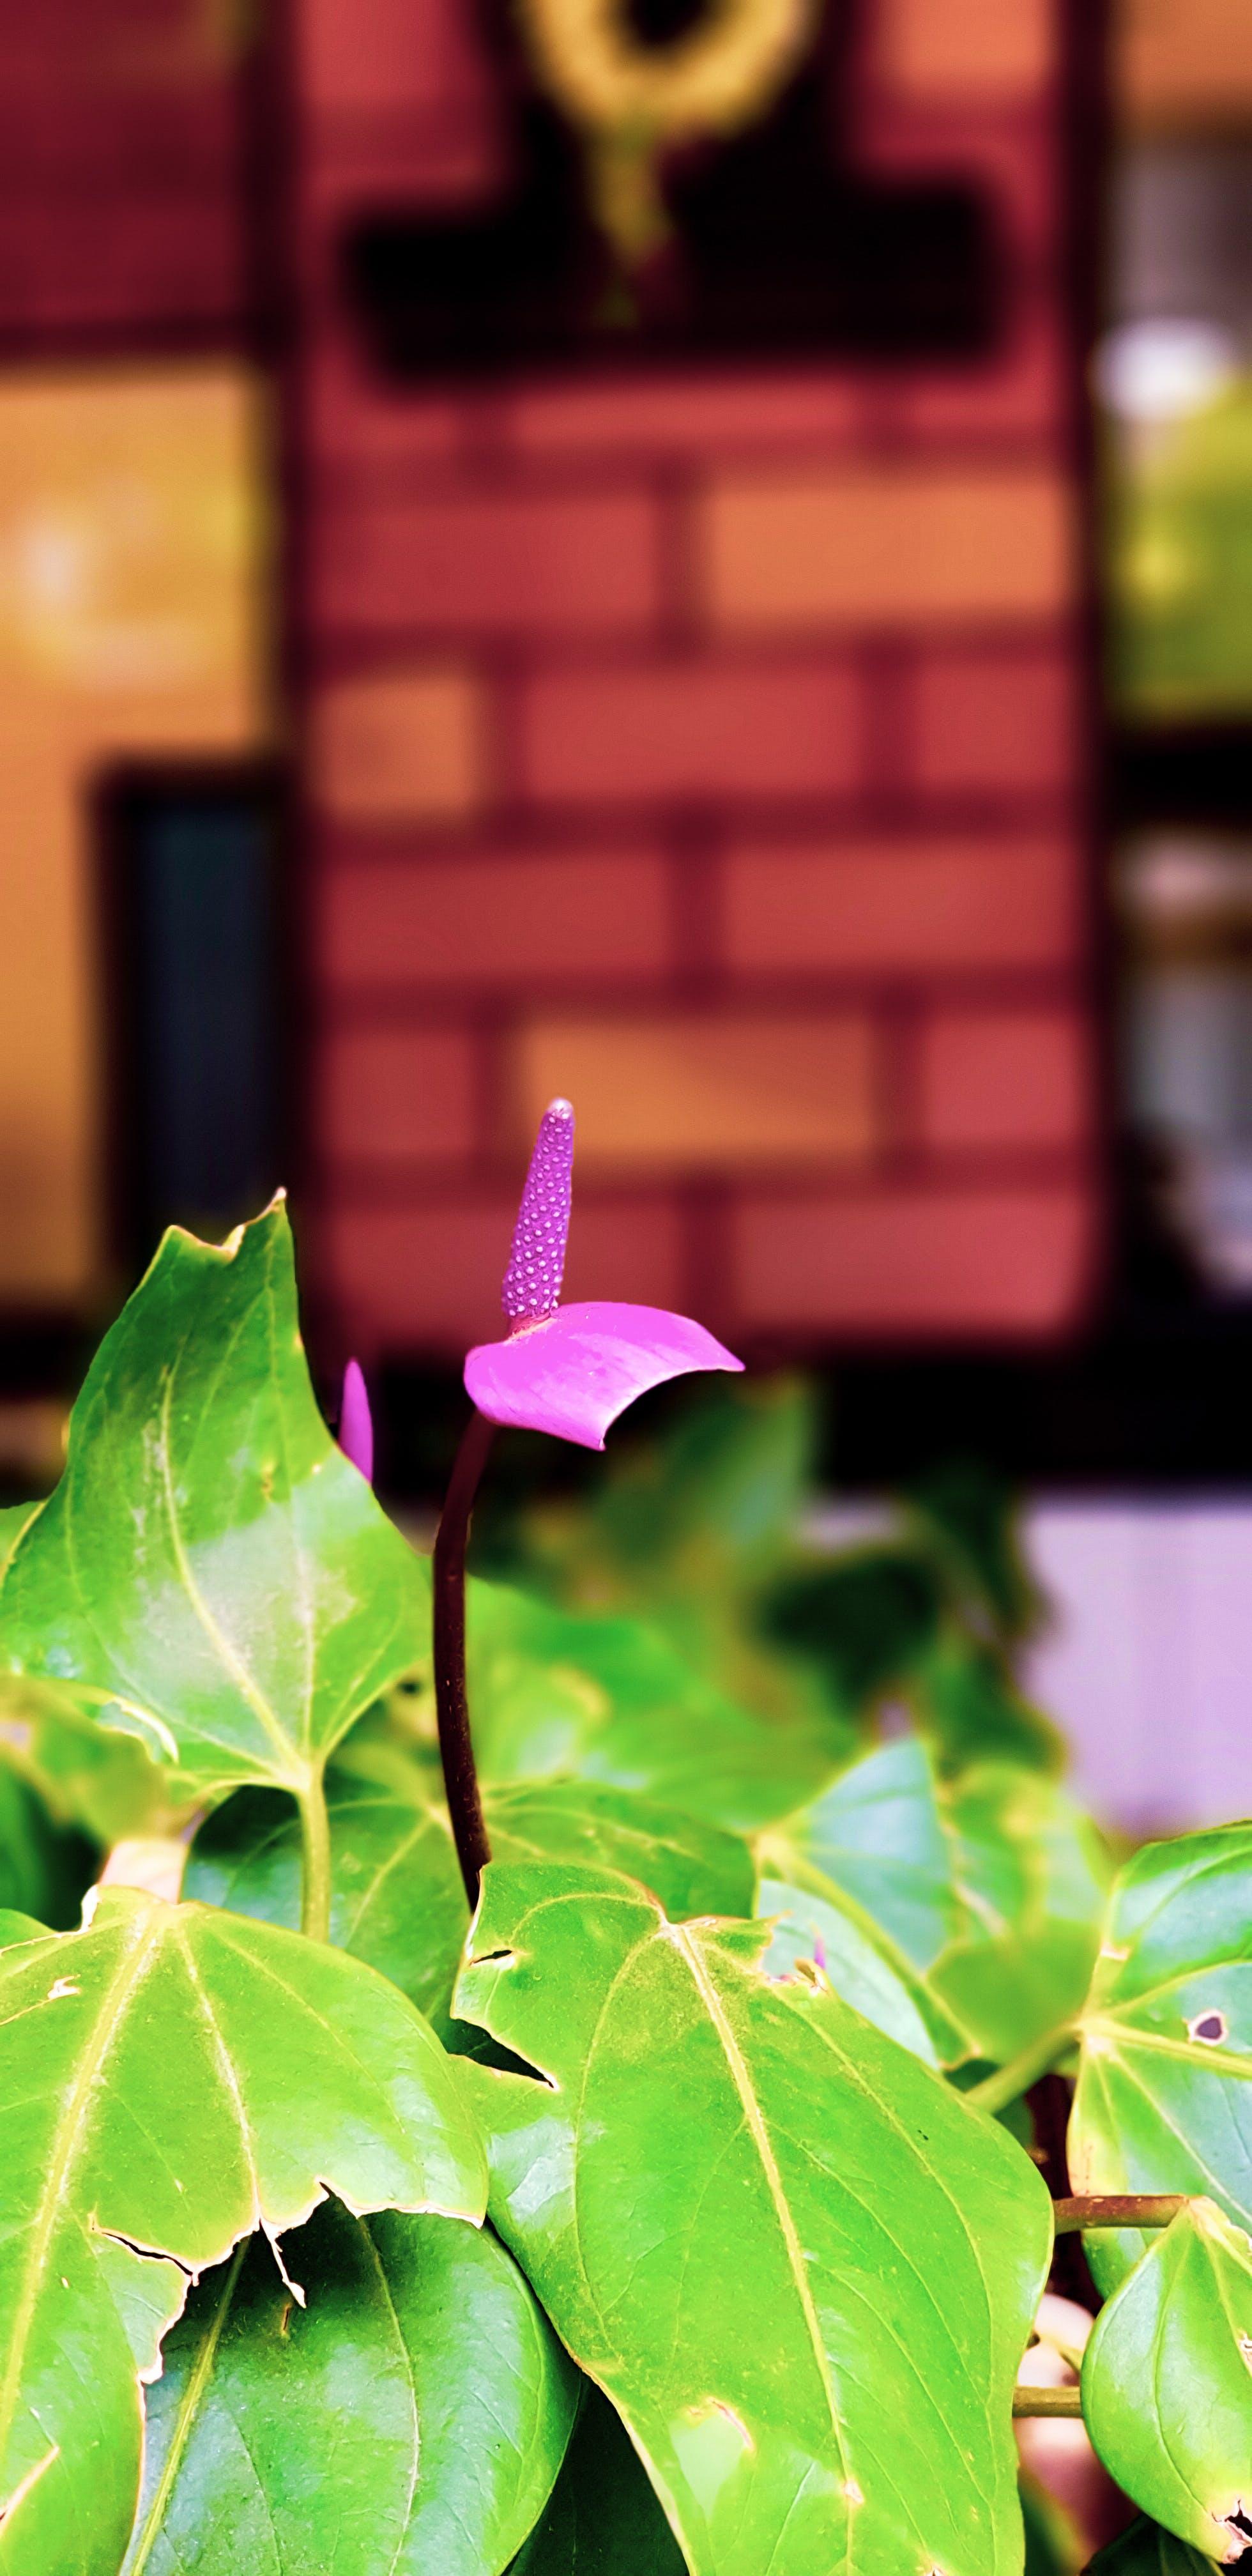 Gratis lagerfoto af blomsterhave, blomstermark, grøn, lilla blomst